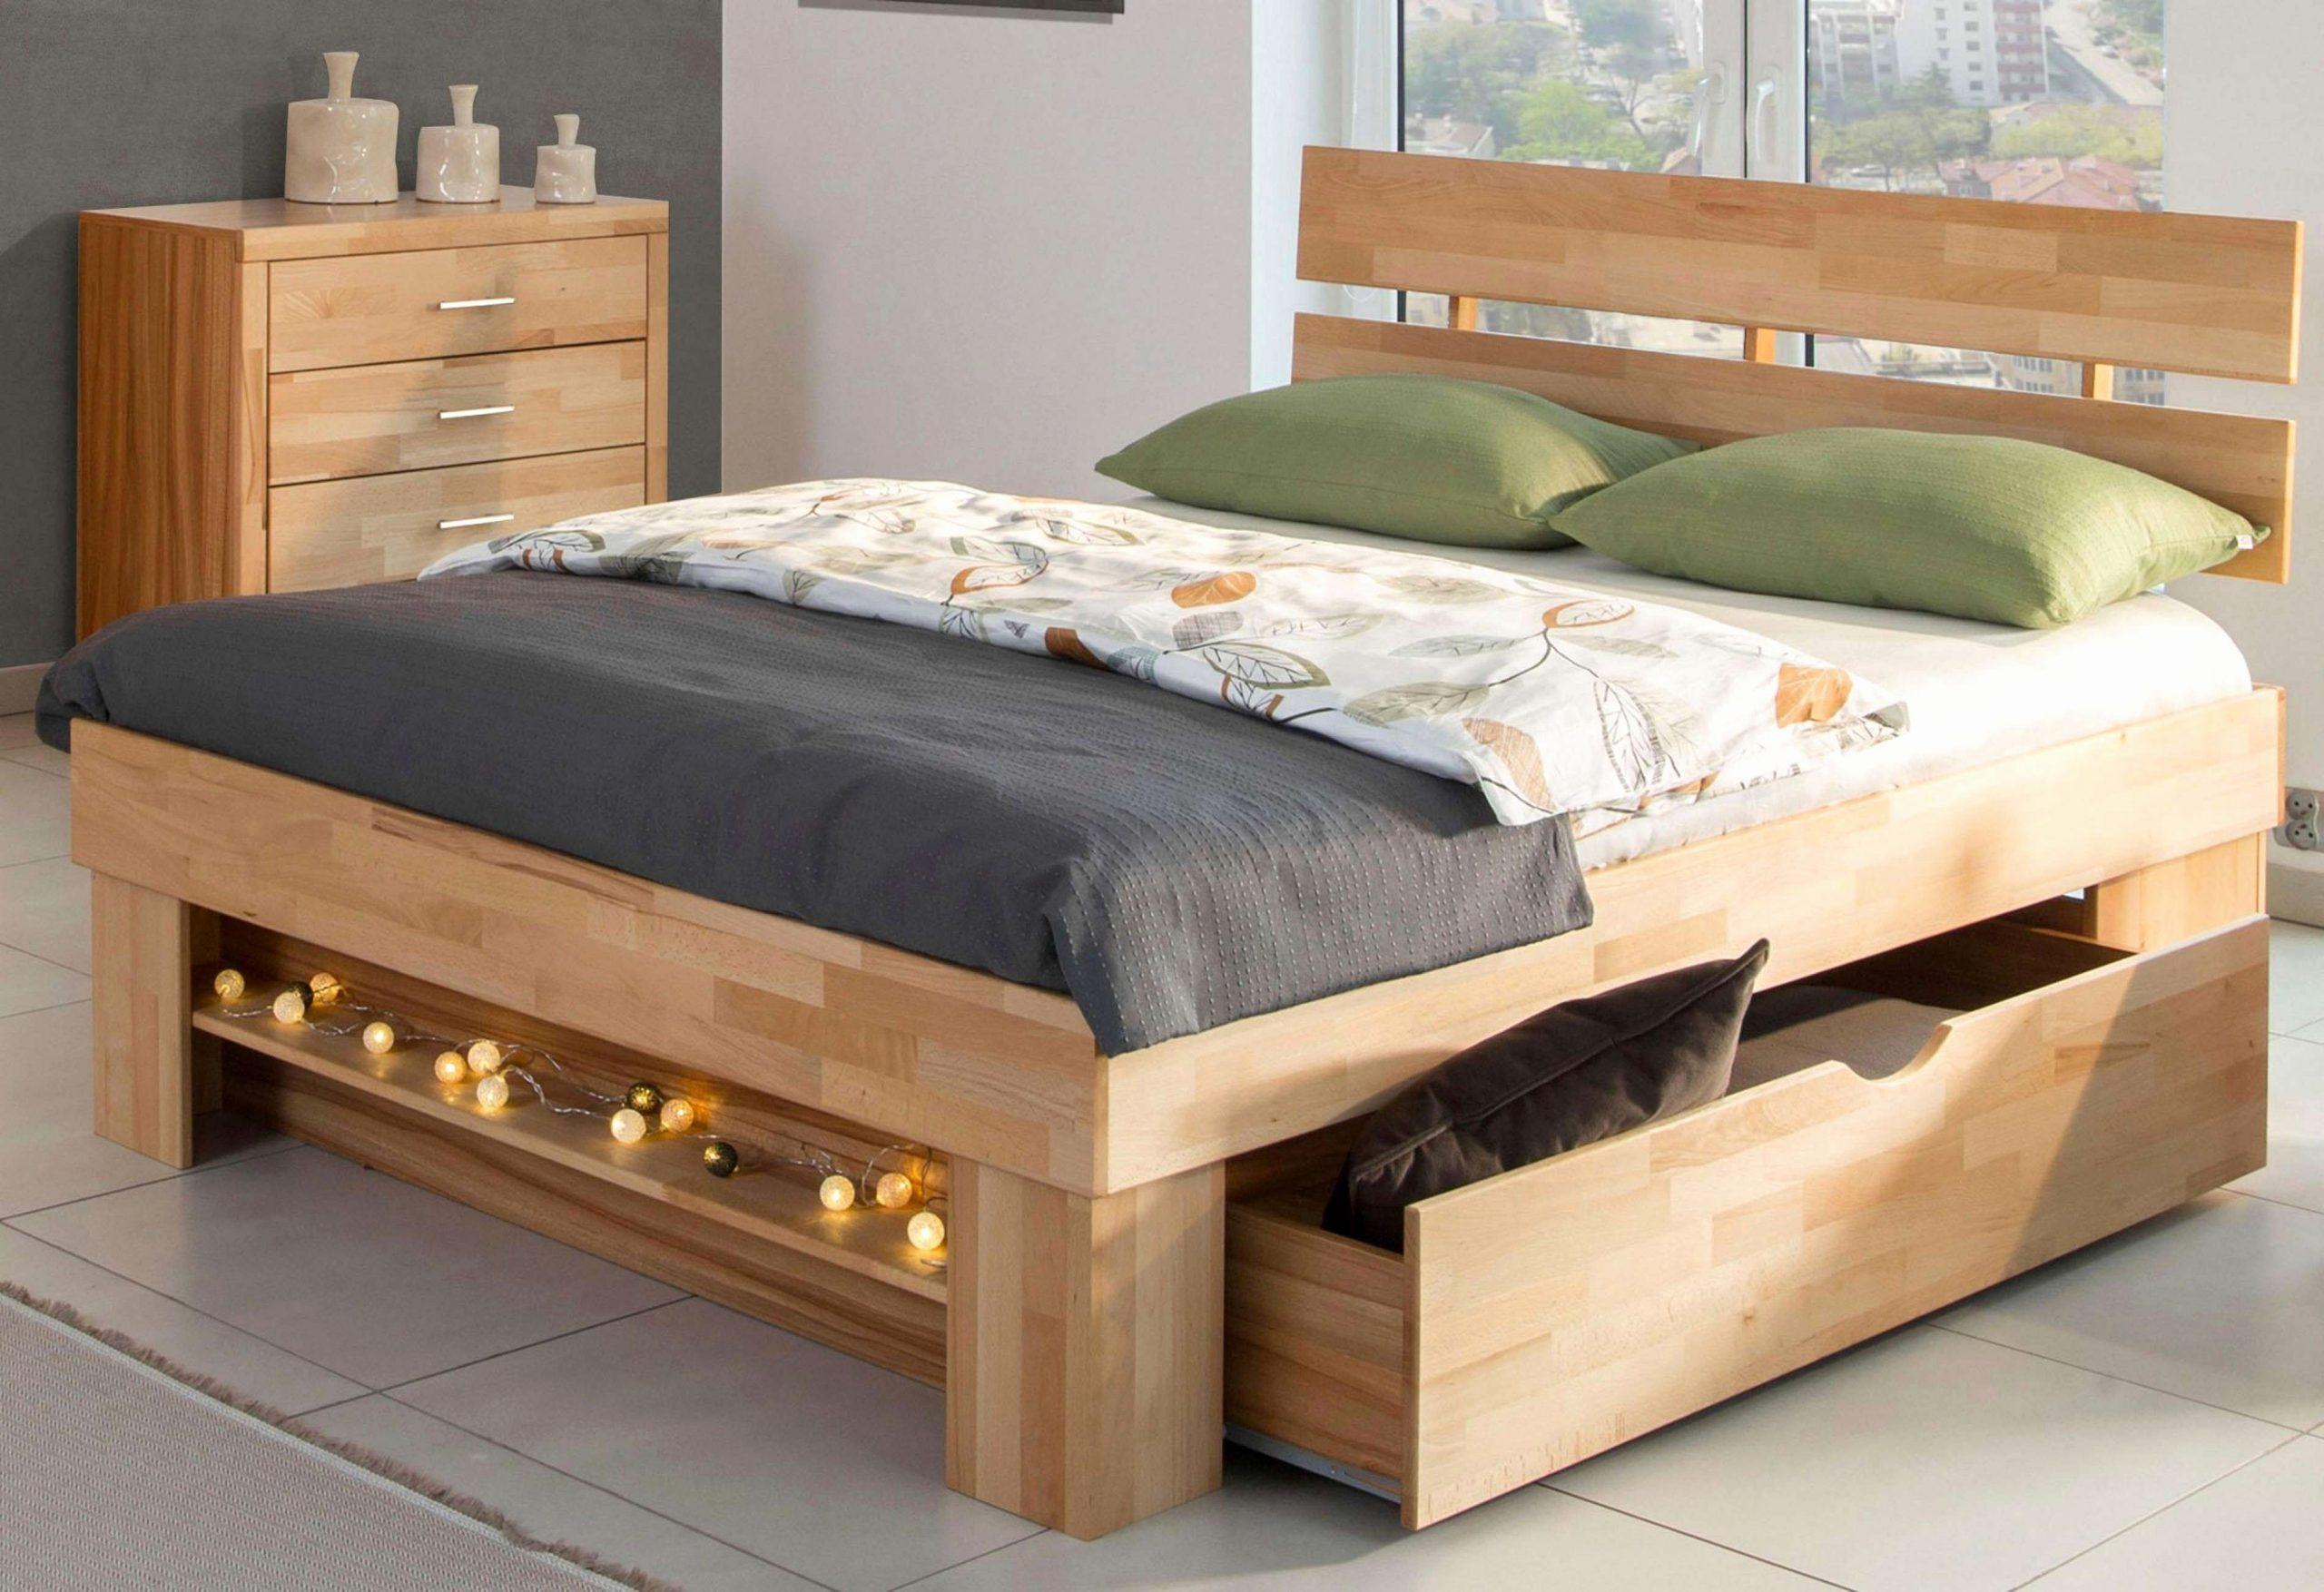 Full Size of Hohe Betten Mit Stauraum Modisch Trends Mädchen Schlafzimmer 140x200 Weiß Günstig Kaufen Japanische Ohne Kopfteil Aufbewahrung Weiße Oschmann Bett Hohe Betten